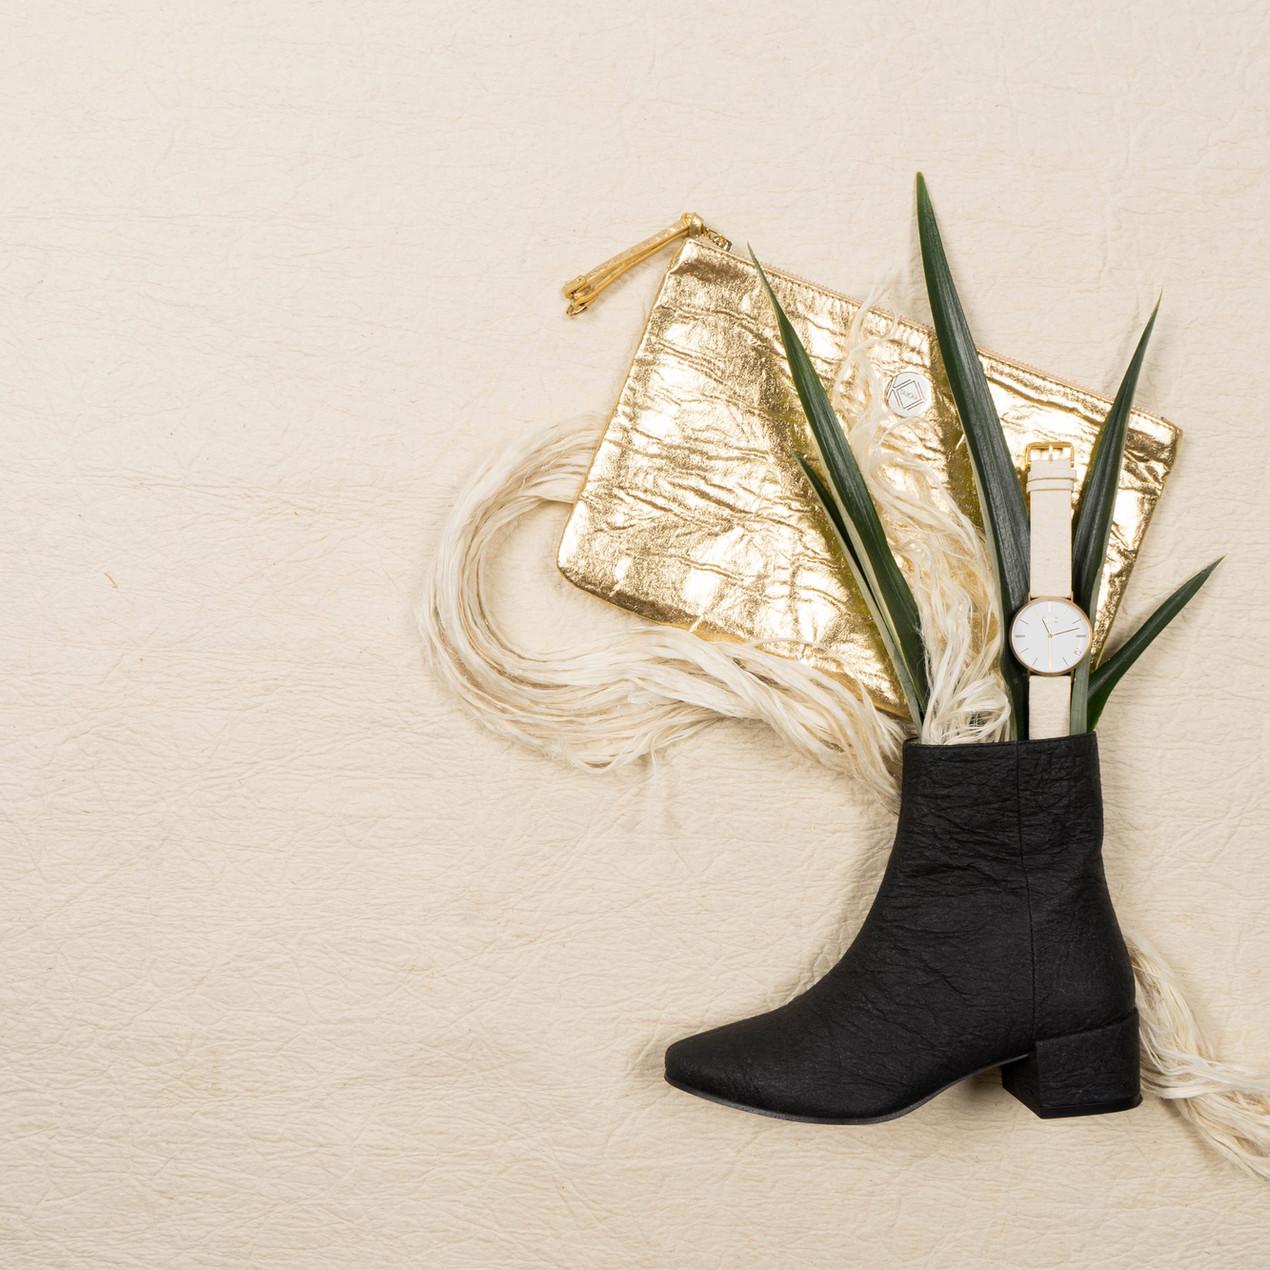 image source: www.ananas-anam.com